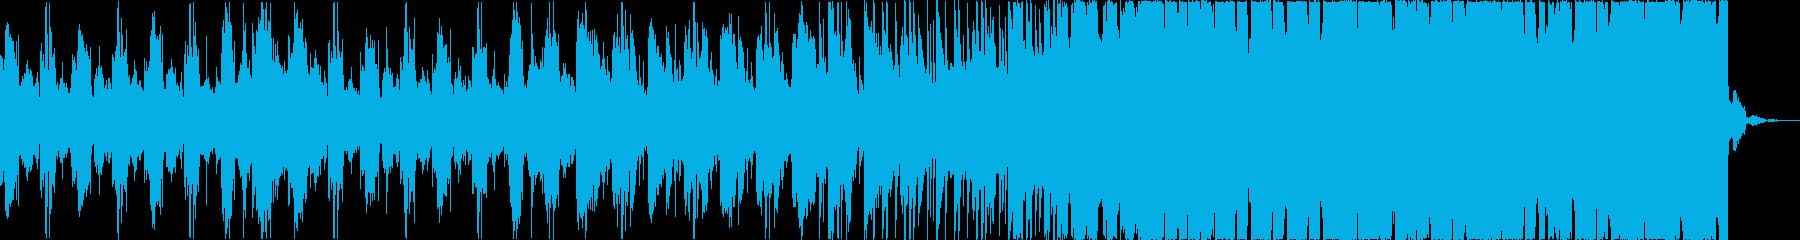 チルアウトクールなトロピカルハウスbの再生済みの波形